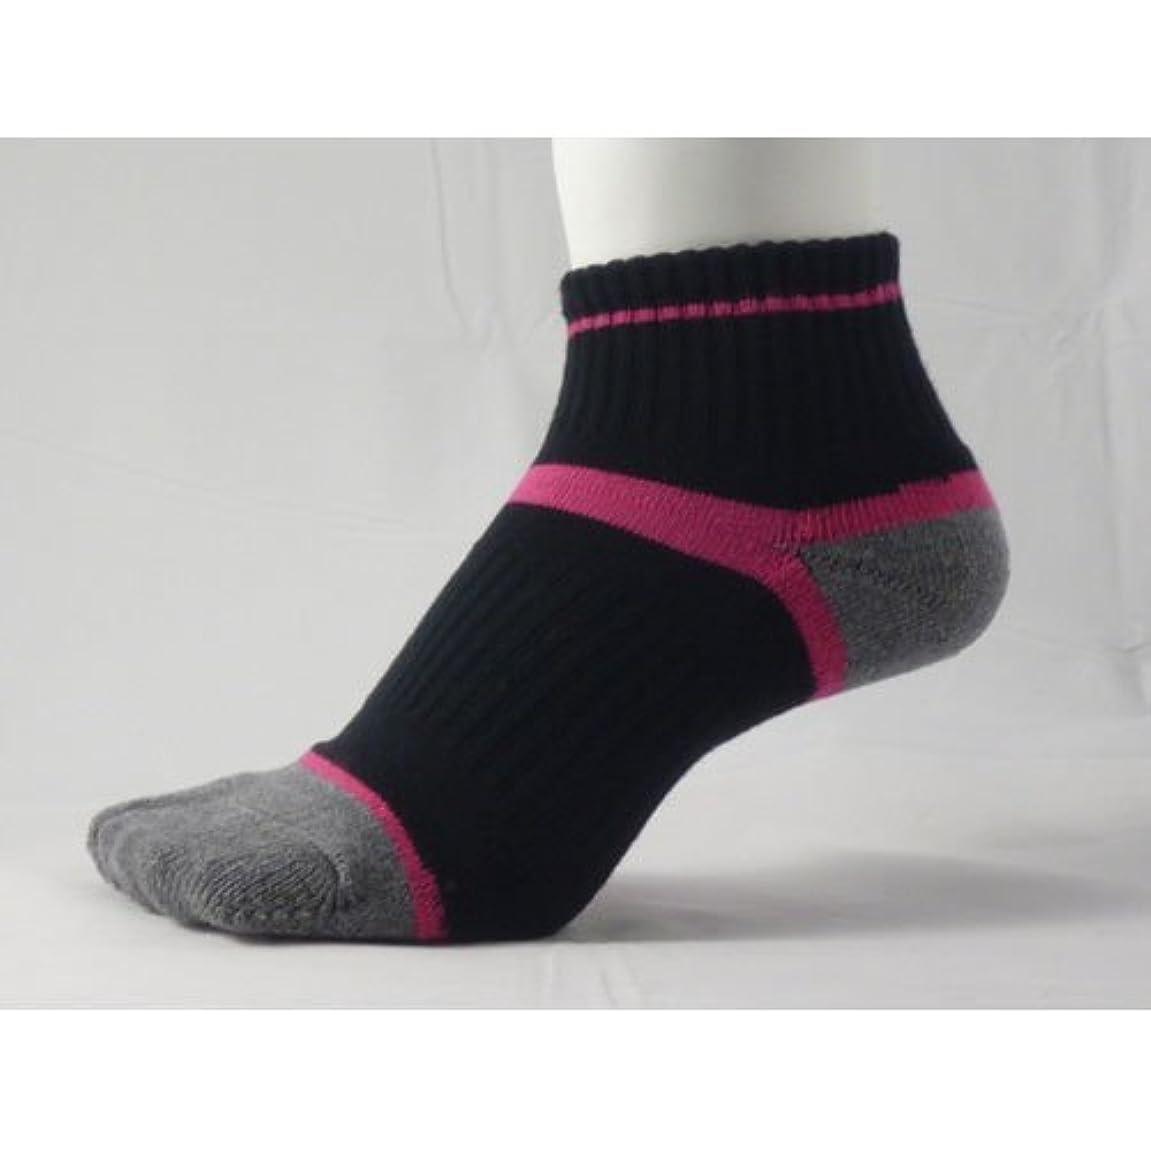 問い合わせハイランドうめき声草鞋ソックス S(22-24cm)ピンク 【わらじソックス】【炭の靴下】【足袋型】